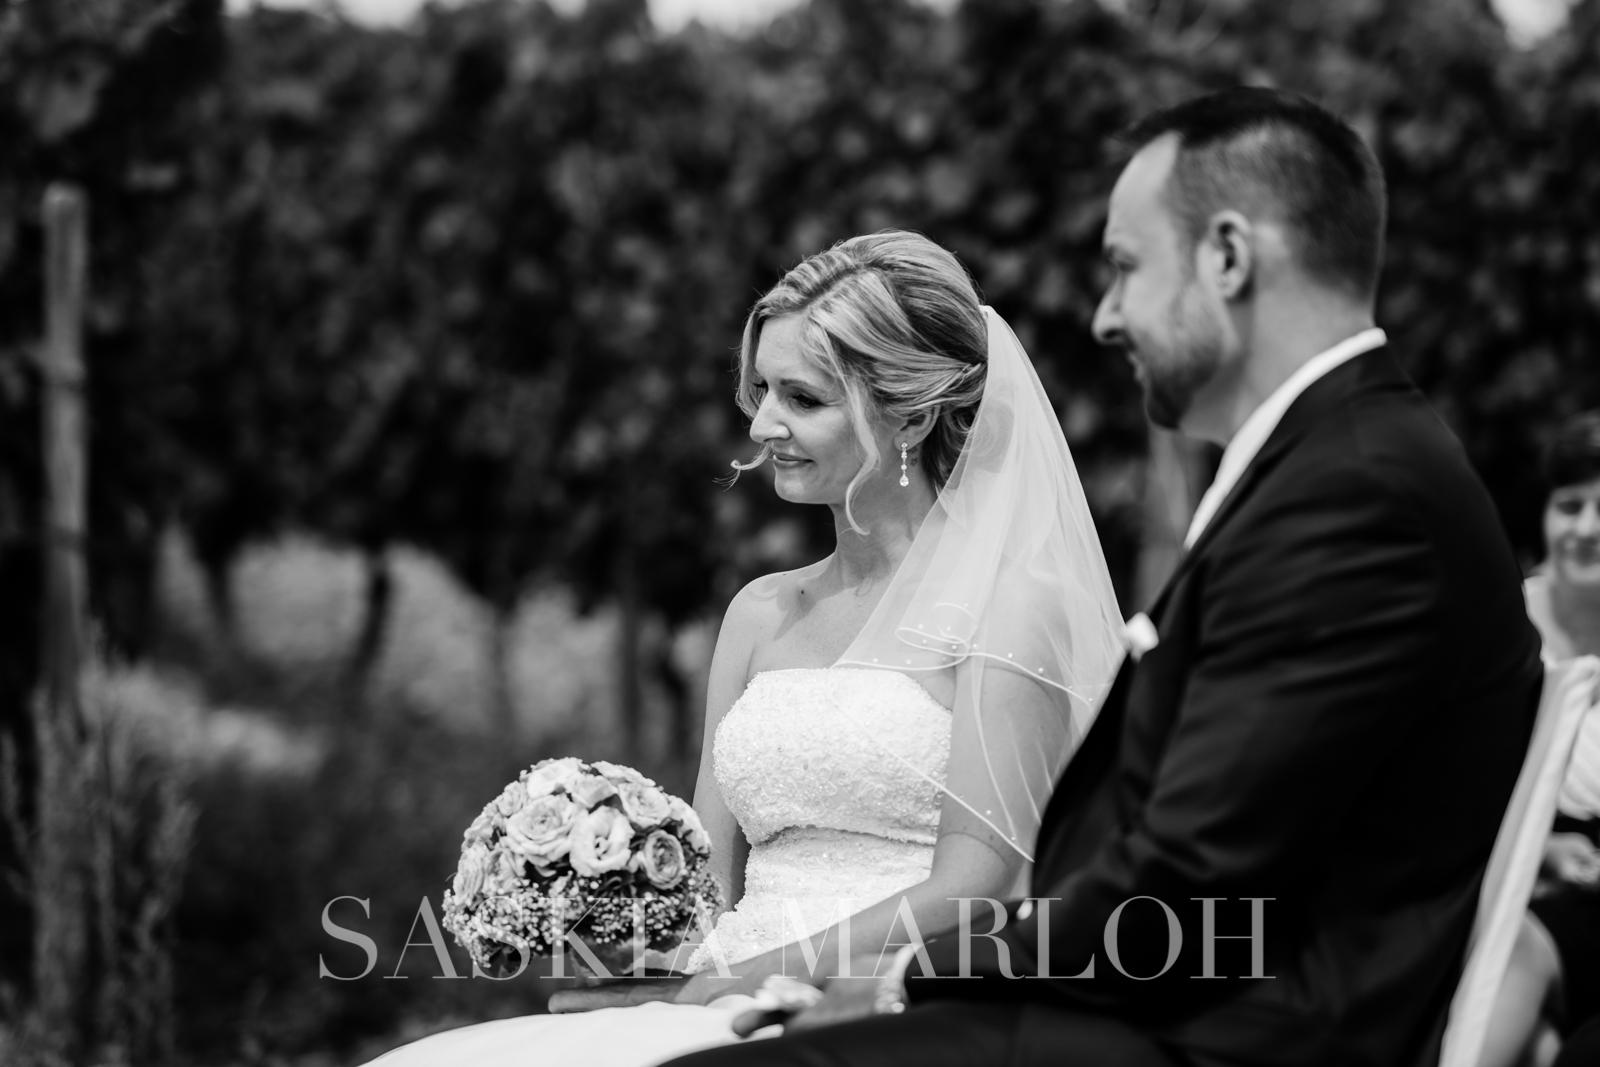 WEINGUT-GEORG-MÜLLER-CLUB-PRESTIGE-DE-LUXE-HOCHZEIT-WEDDING-PHOTO-FOTO-SASKIA-MARLOH-edit-275